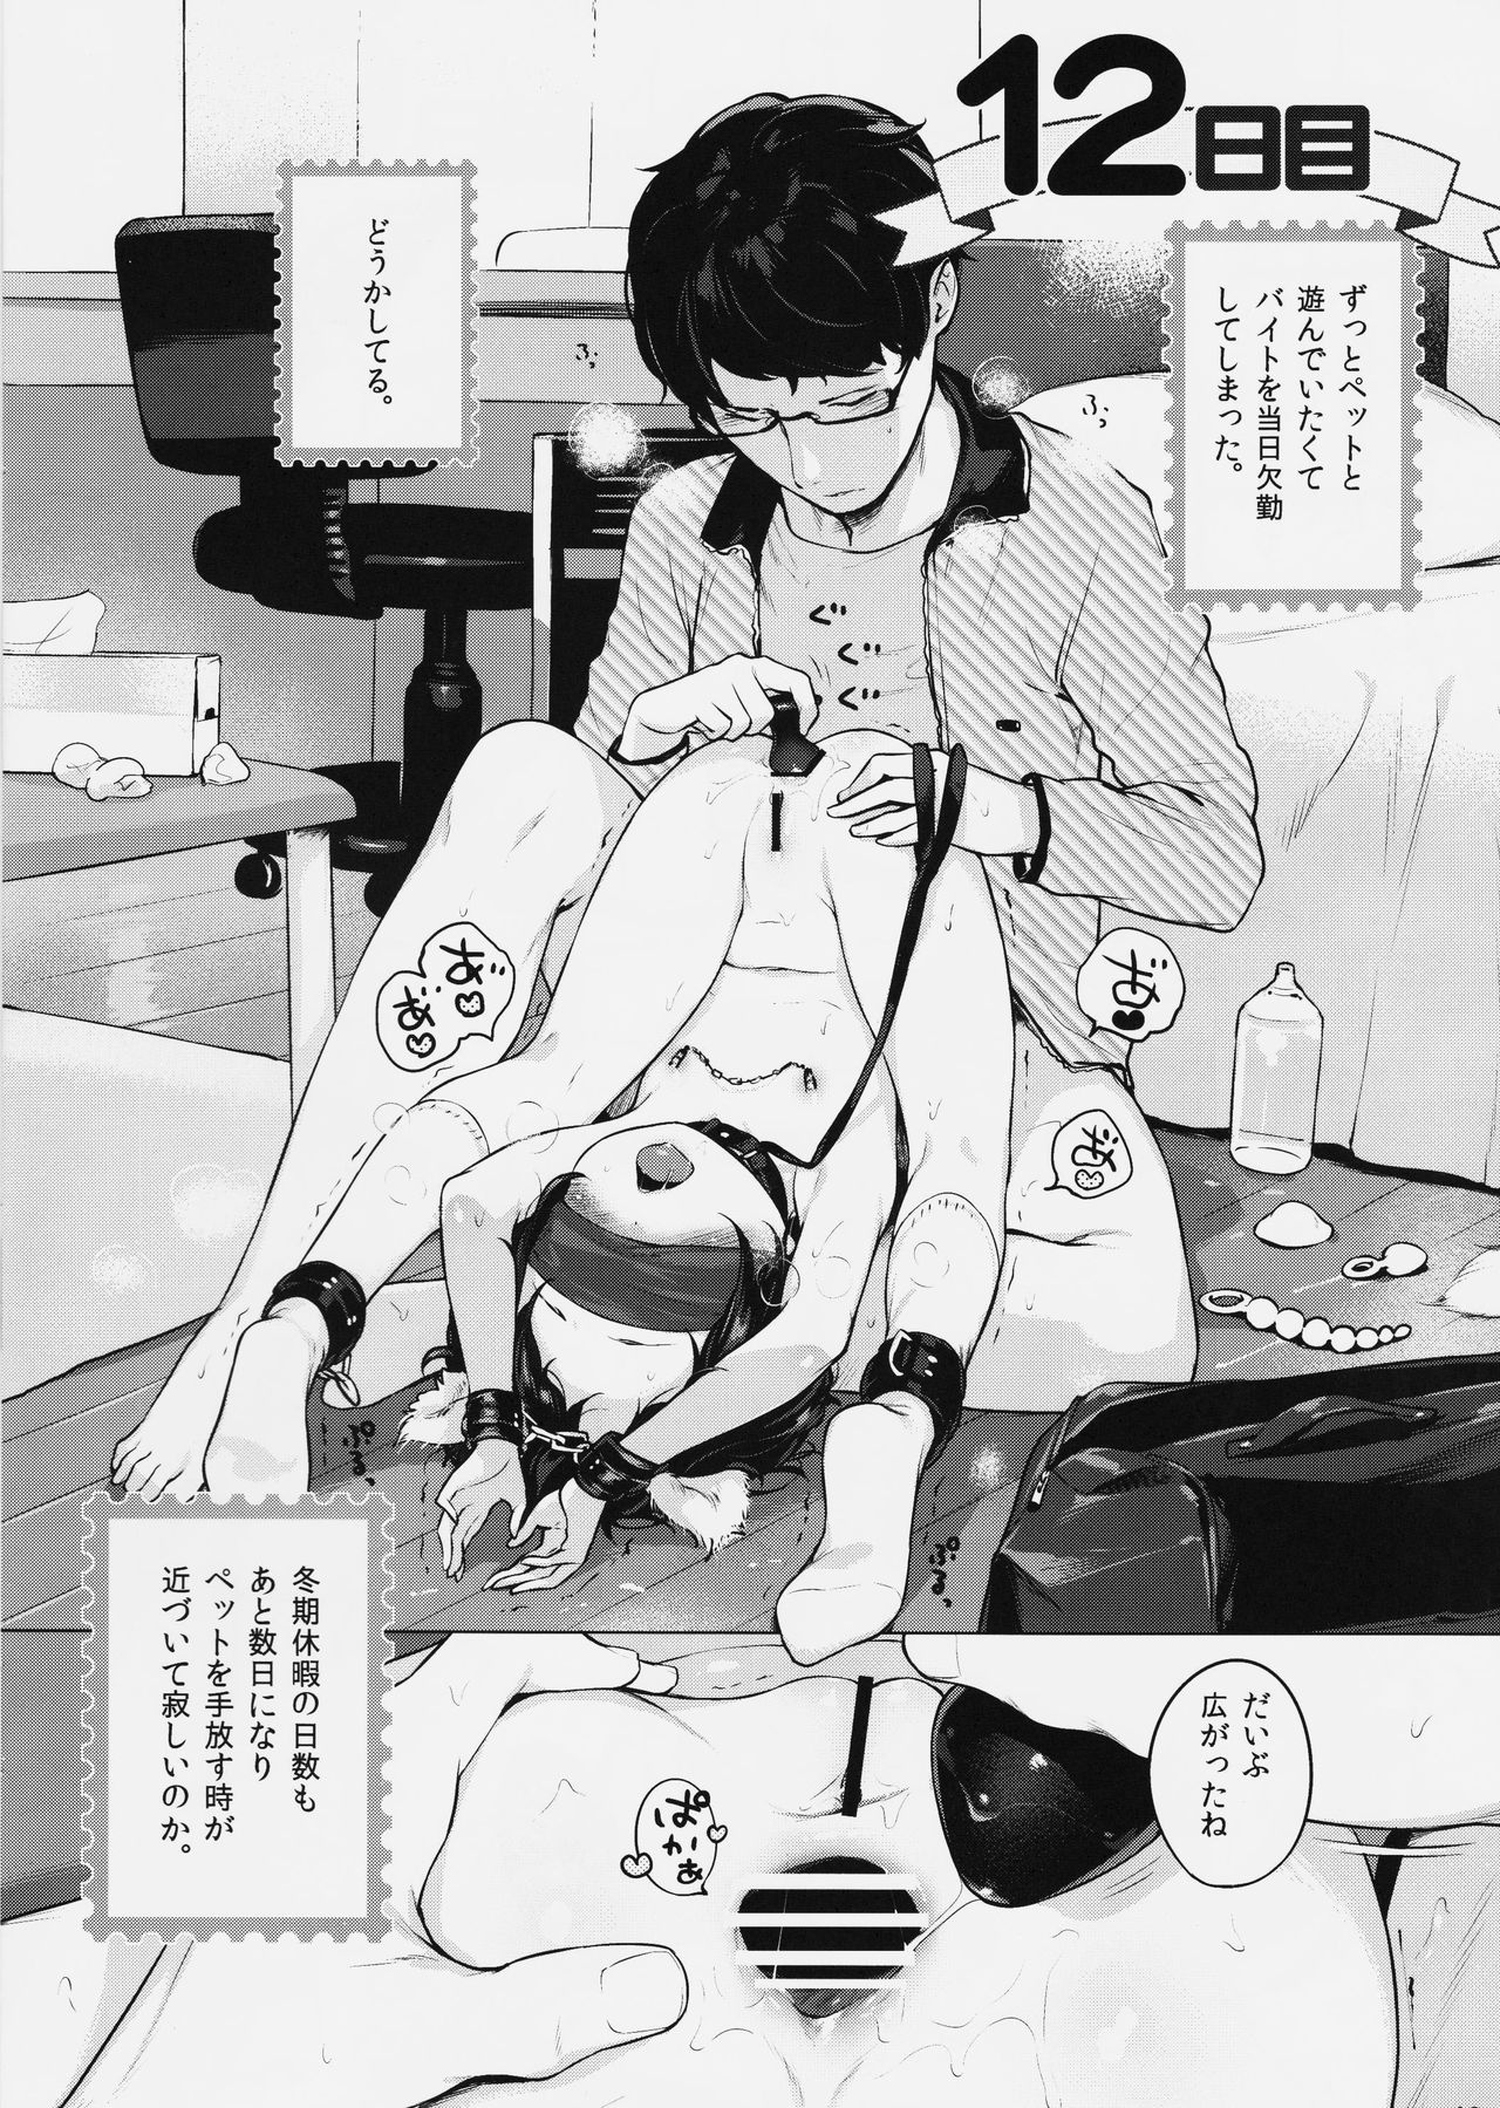 【エロ漫画・エロ同人】一人暮らしが寂しいのでペットでも飼おうかとあいつに相談したら幼女を預かることに。かばんの中には避妊薬とアダルトグッズの山・・・ (11)